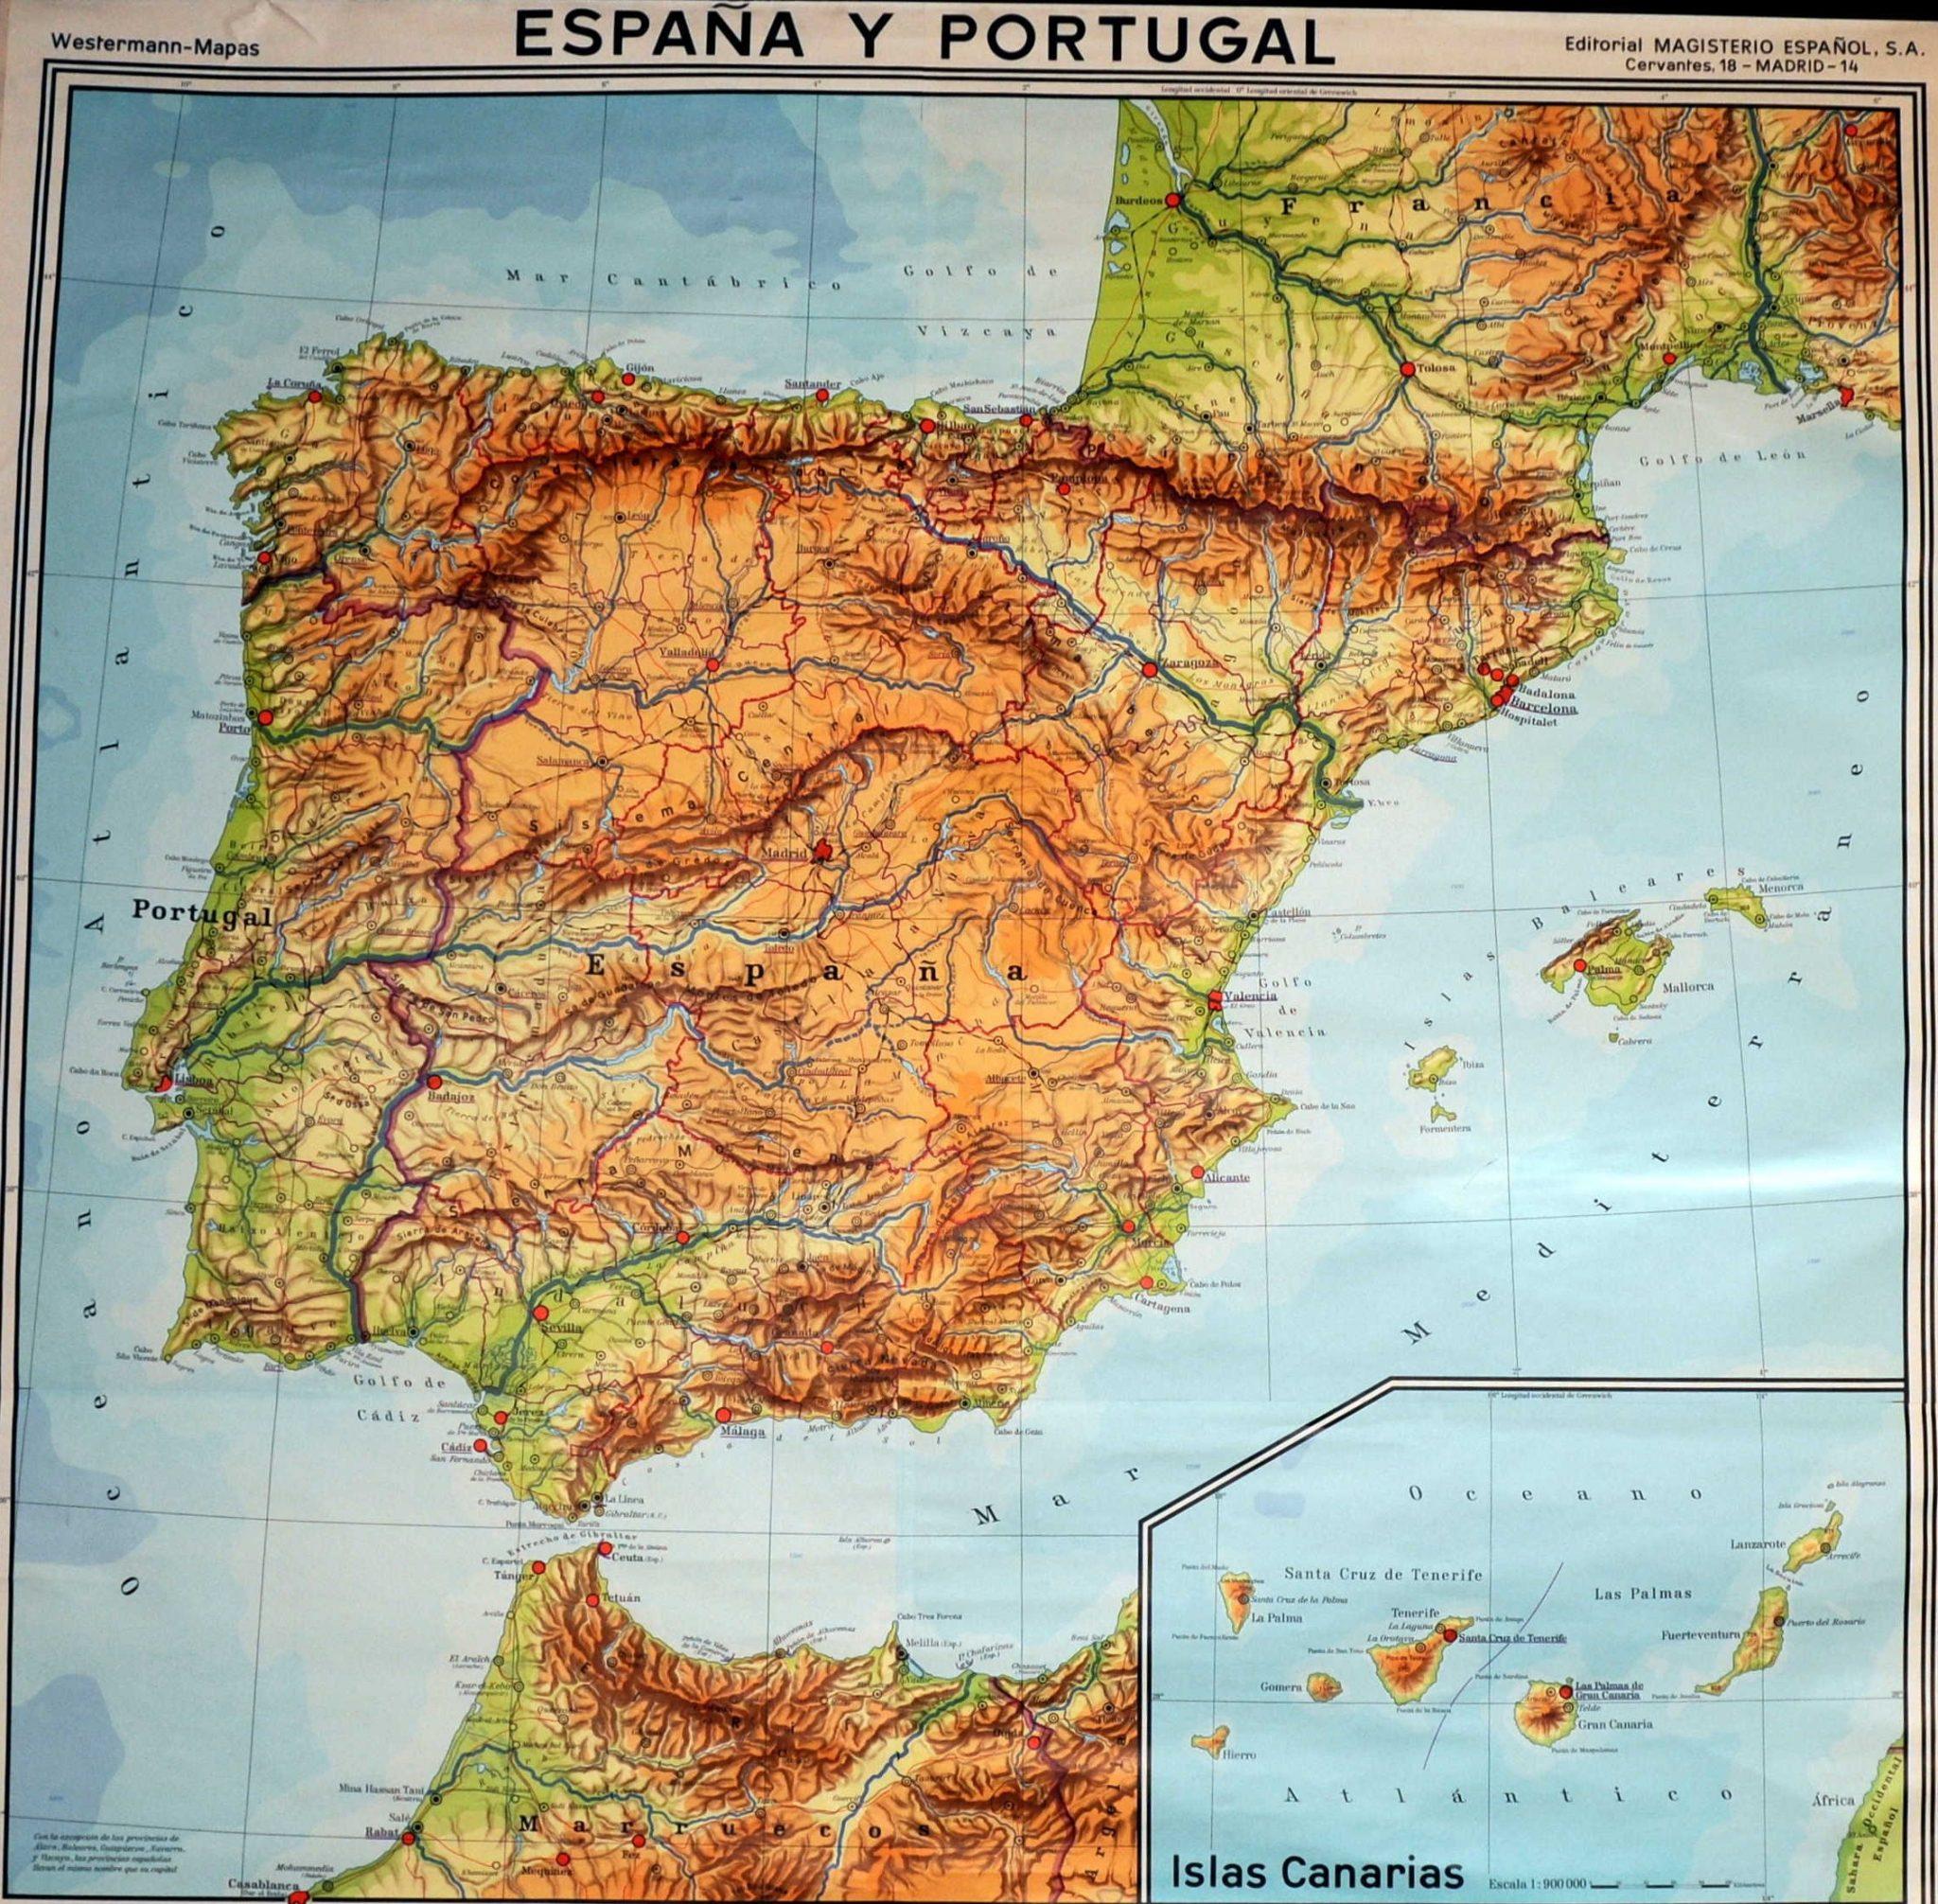 mapa-fisico-de-espana-portugal-y-las-islas-canarias-de-1966